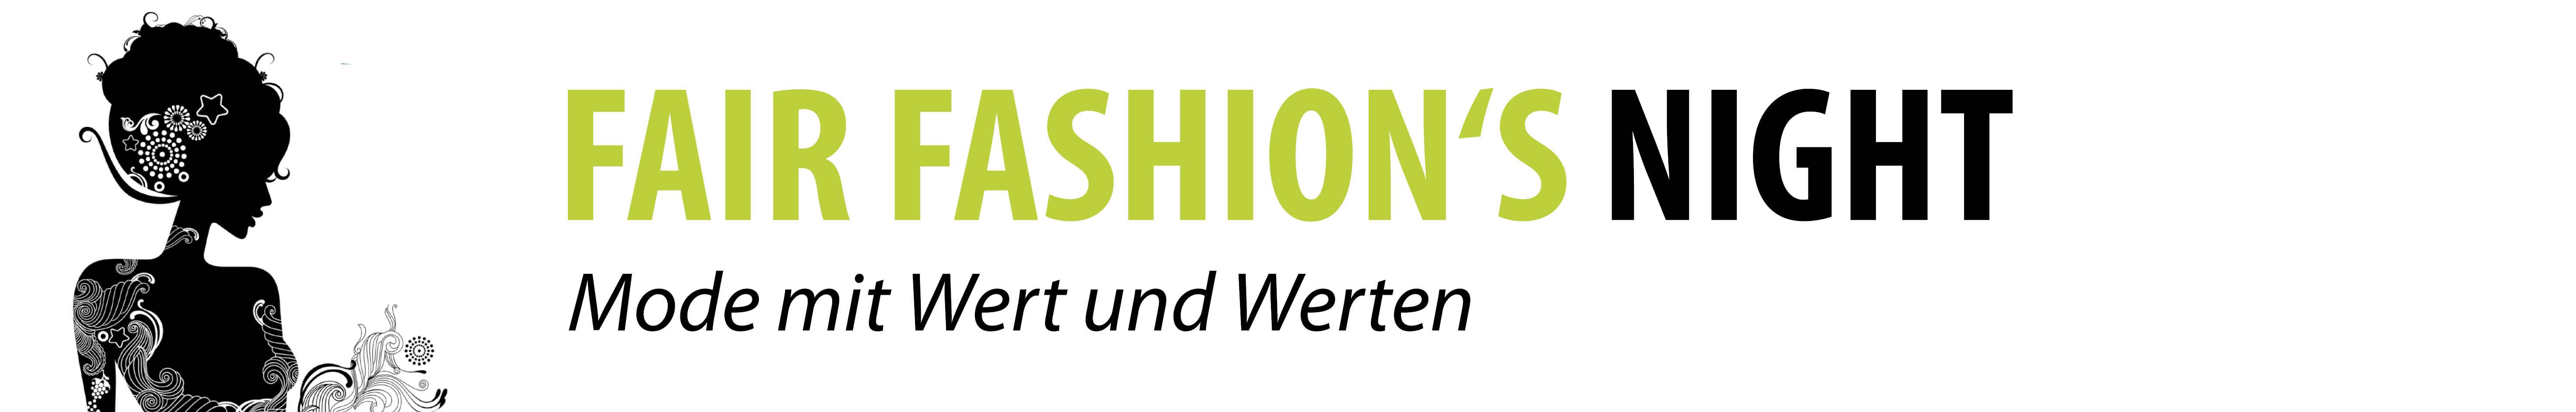 kleiderswerth fair fashion